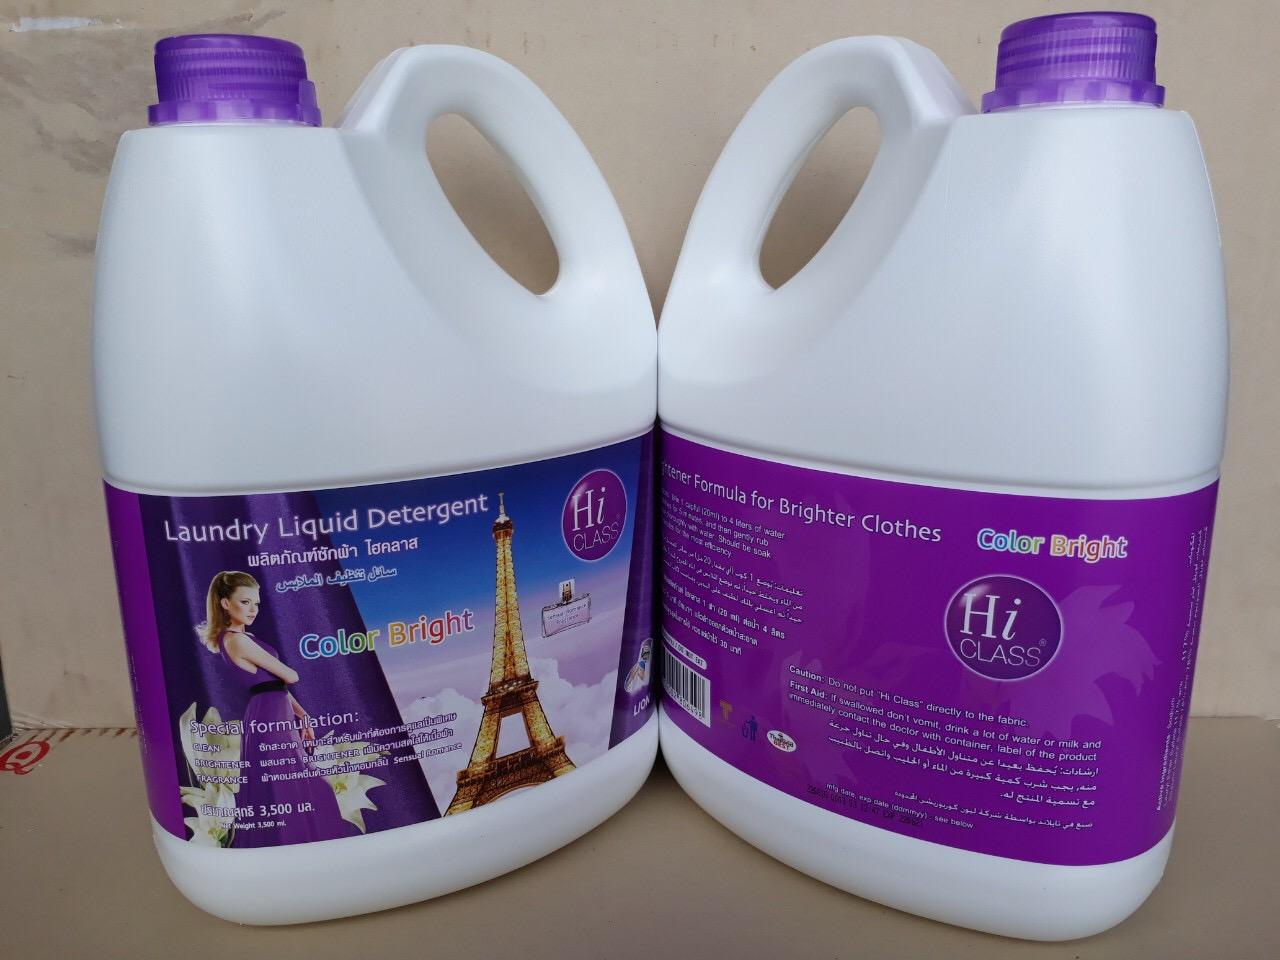 Nước giặt Hiclass 3500ml (Color bright - tím)